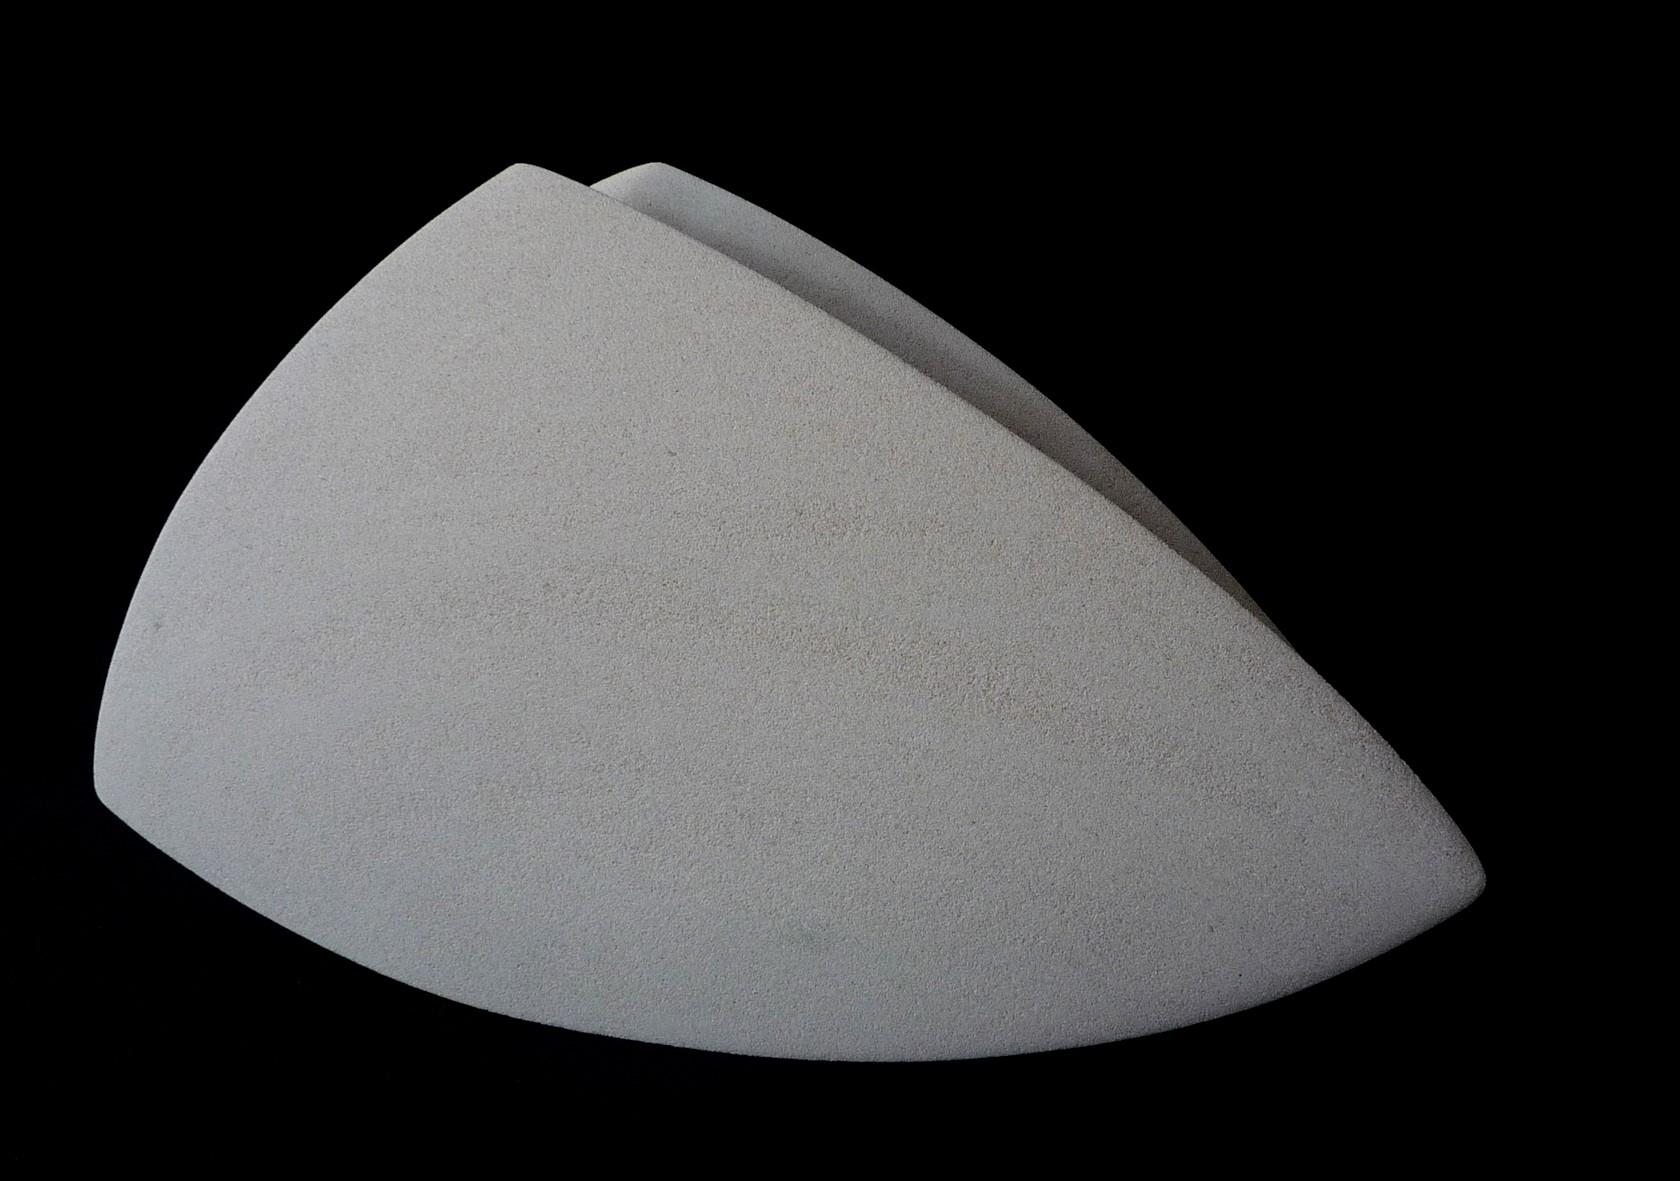 Regina Schnersch, Side by Side, 2016, Sandstein, 59 x 11 x 34 cm (4)